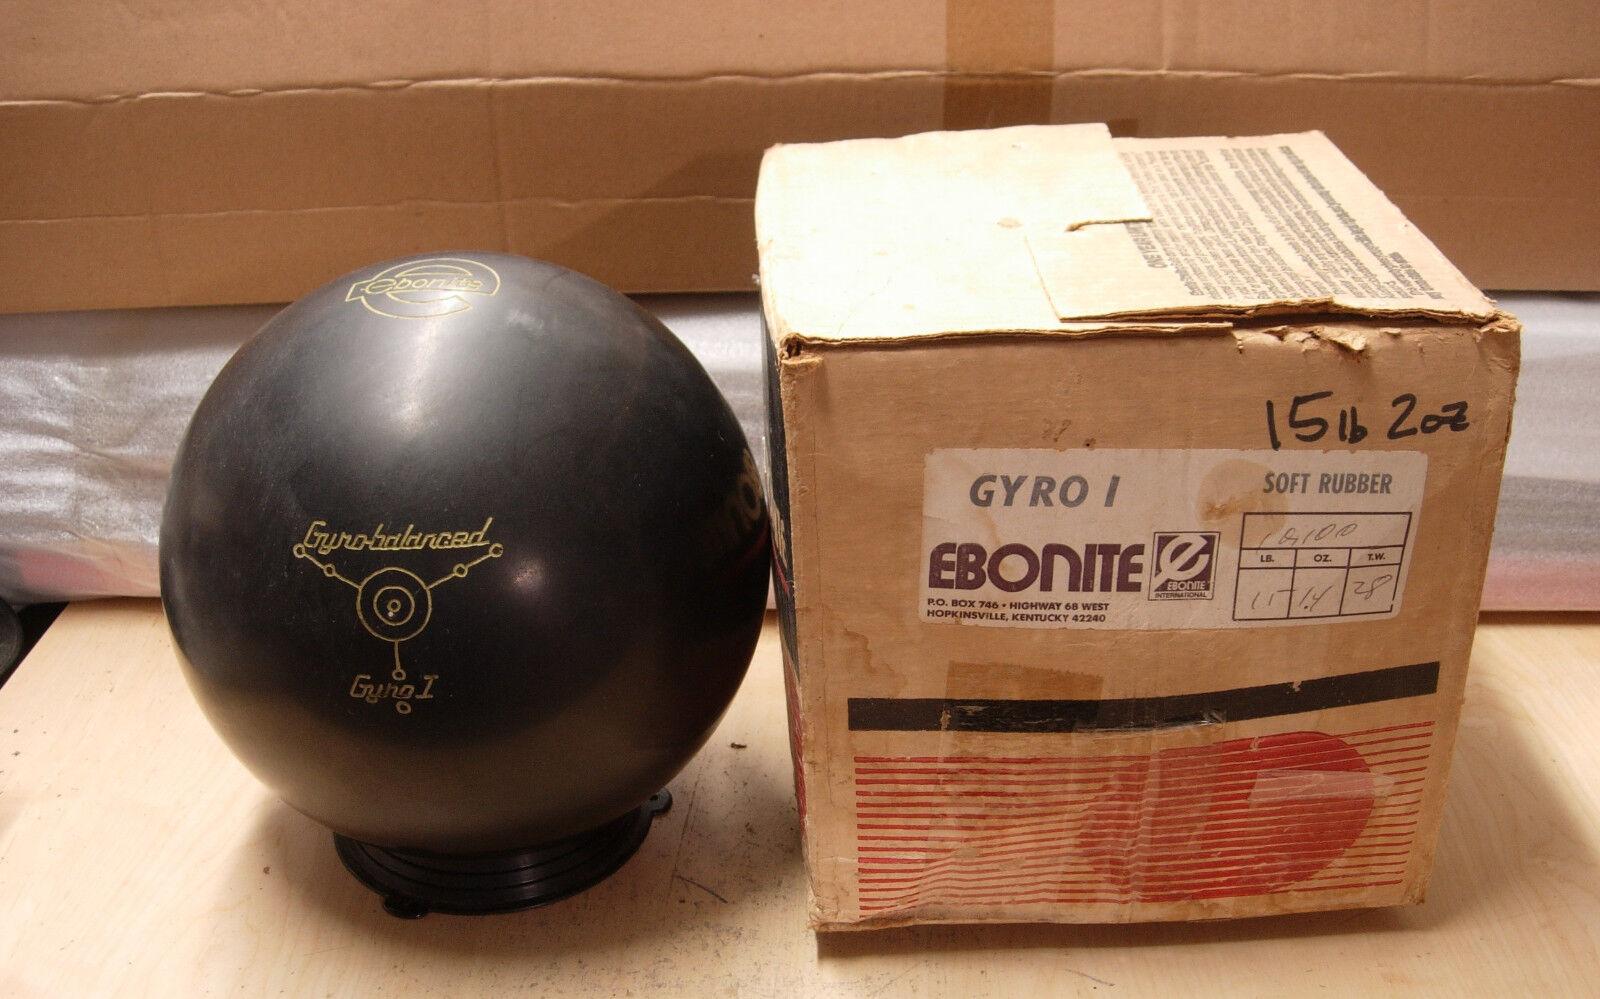 15OZTW 2.8 Ebonite Gyro I Soft Rubber NOS, NIB